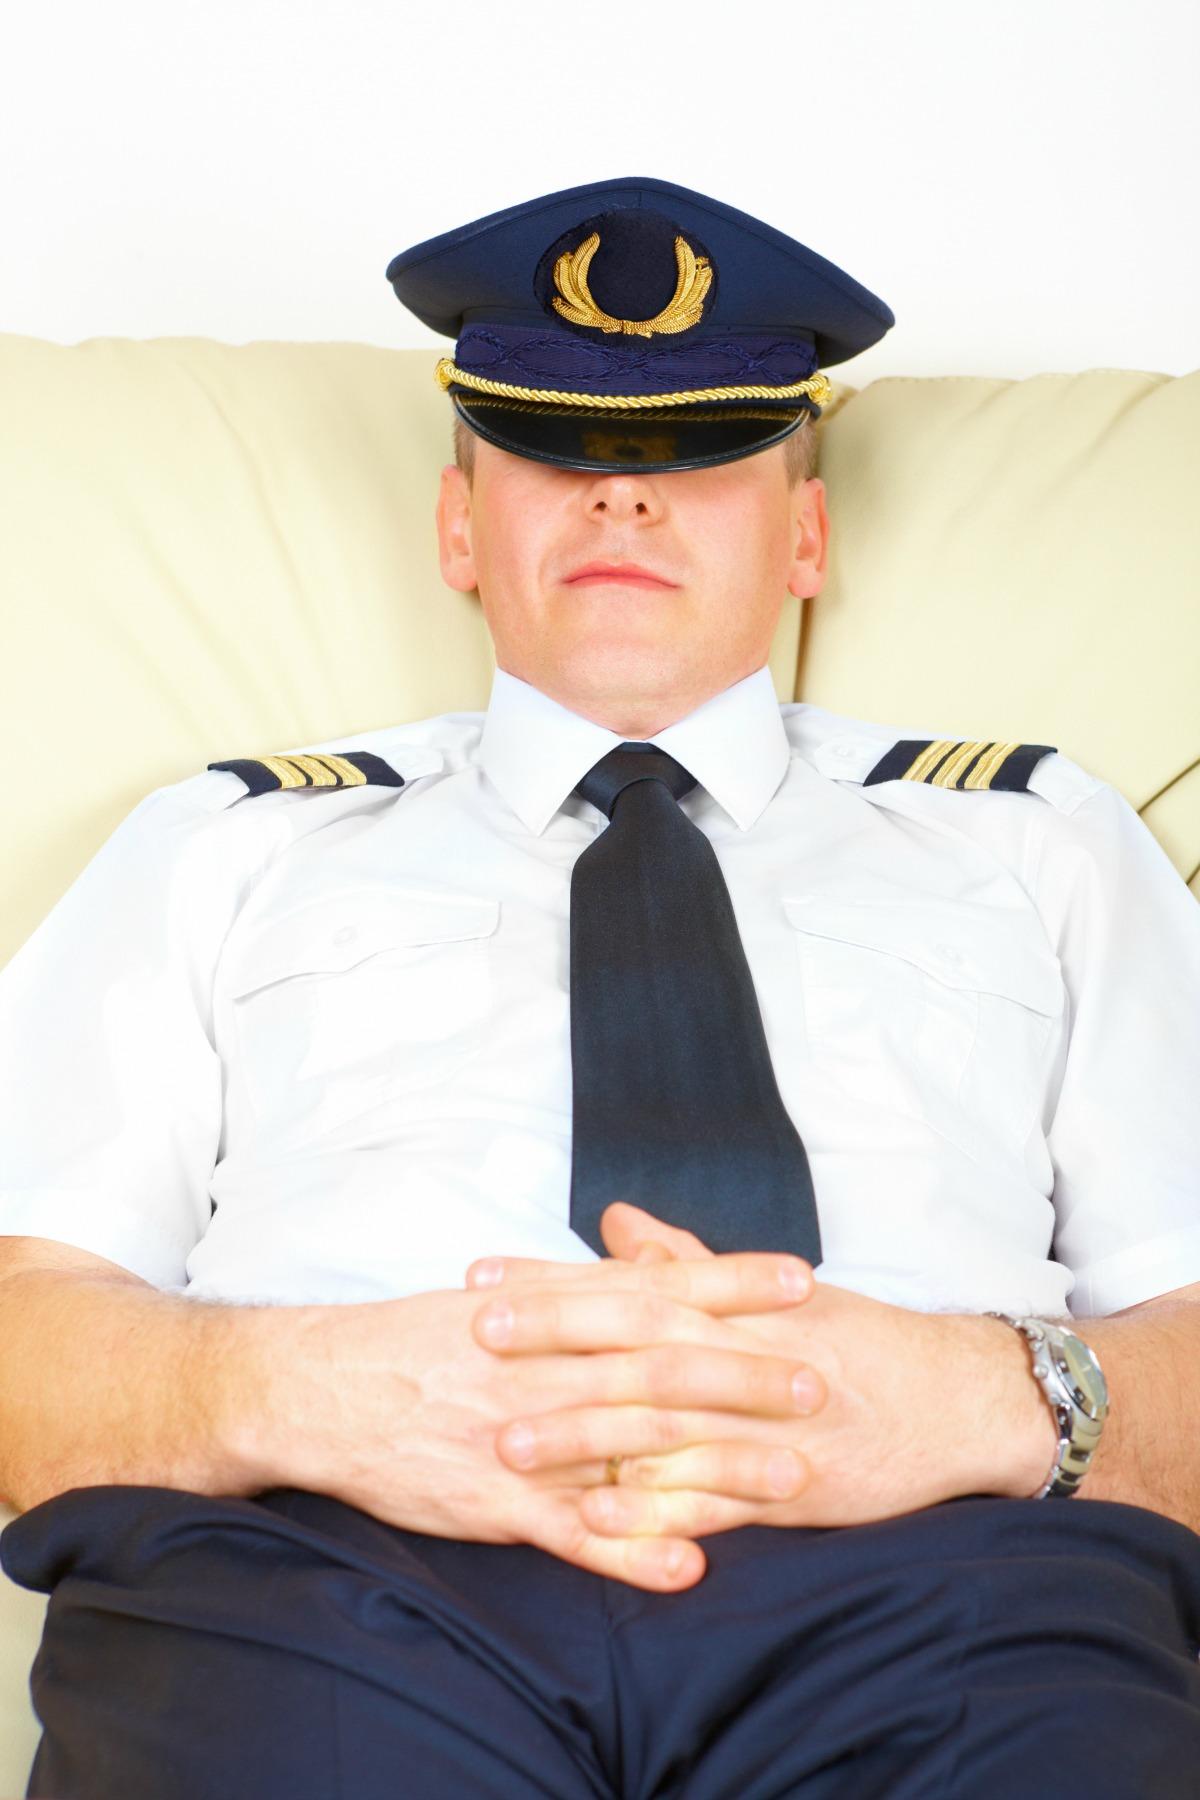 pilot's fatigue